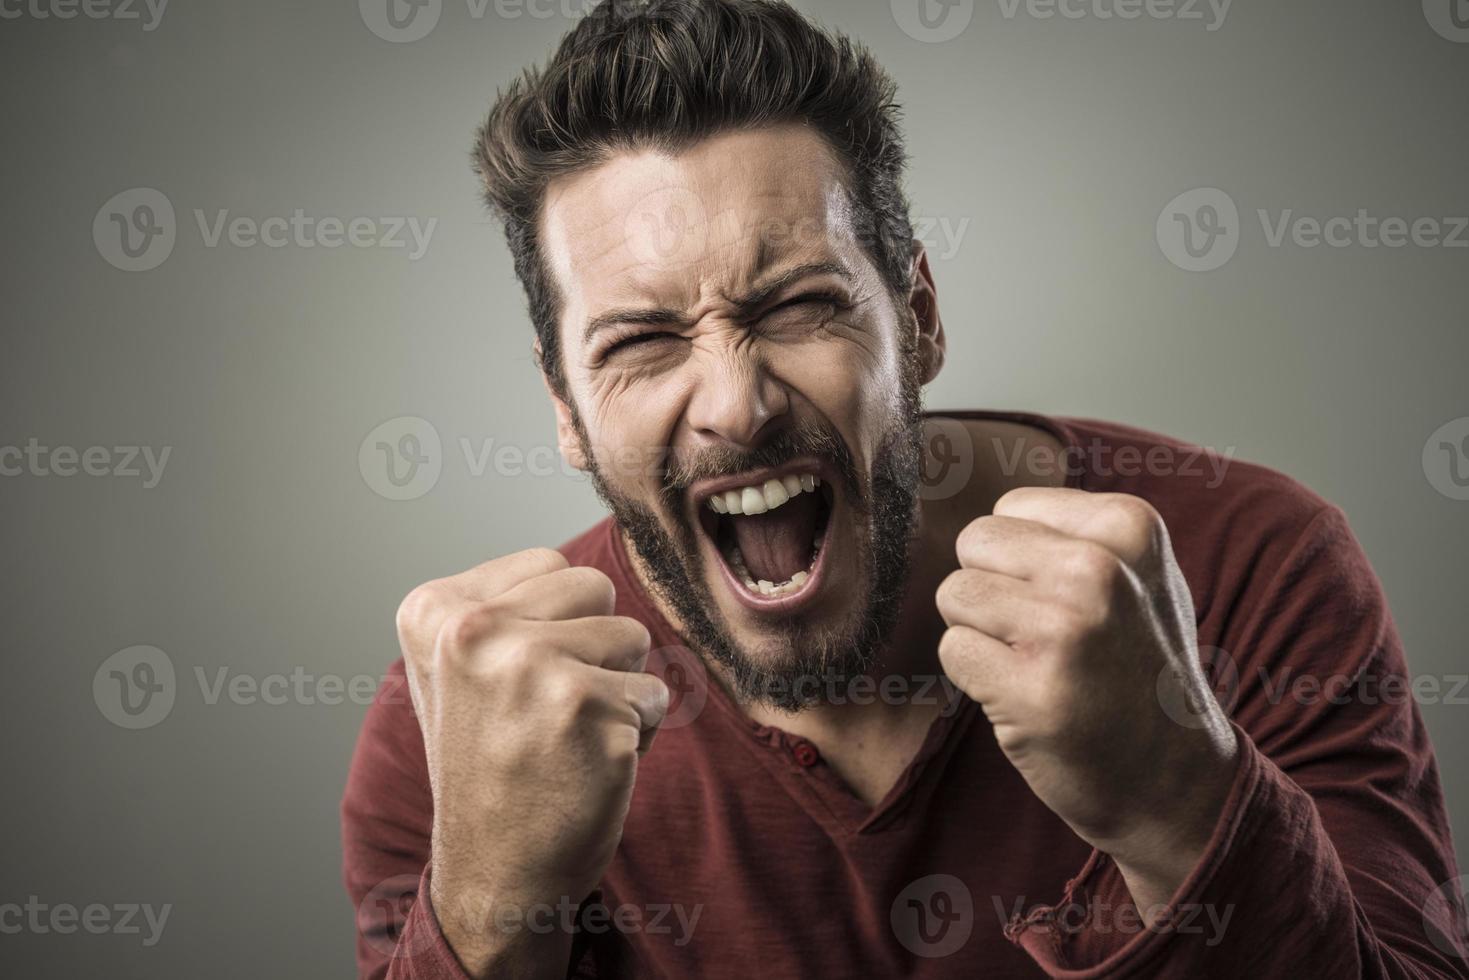 homem bravo gritando em voz alta foto